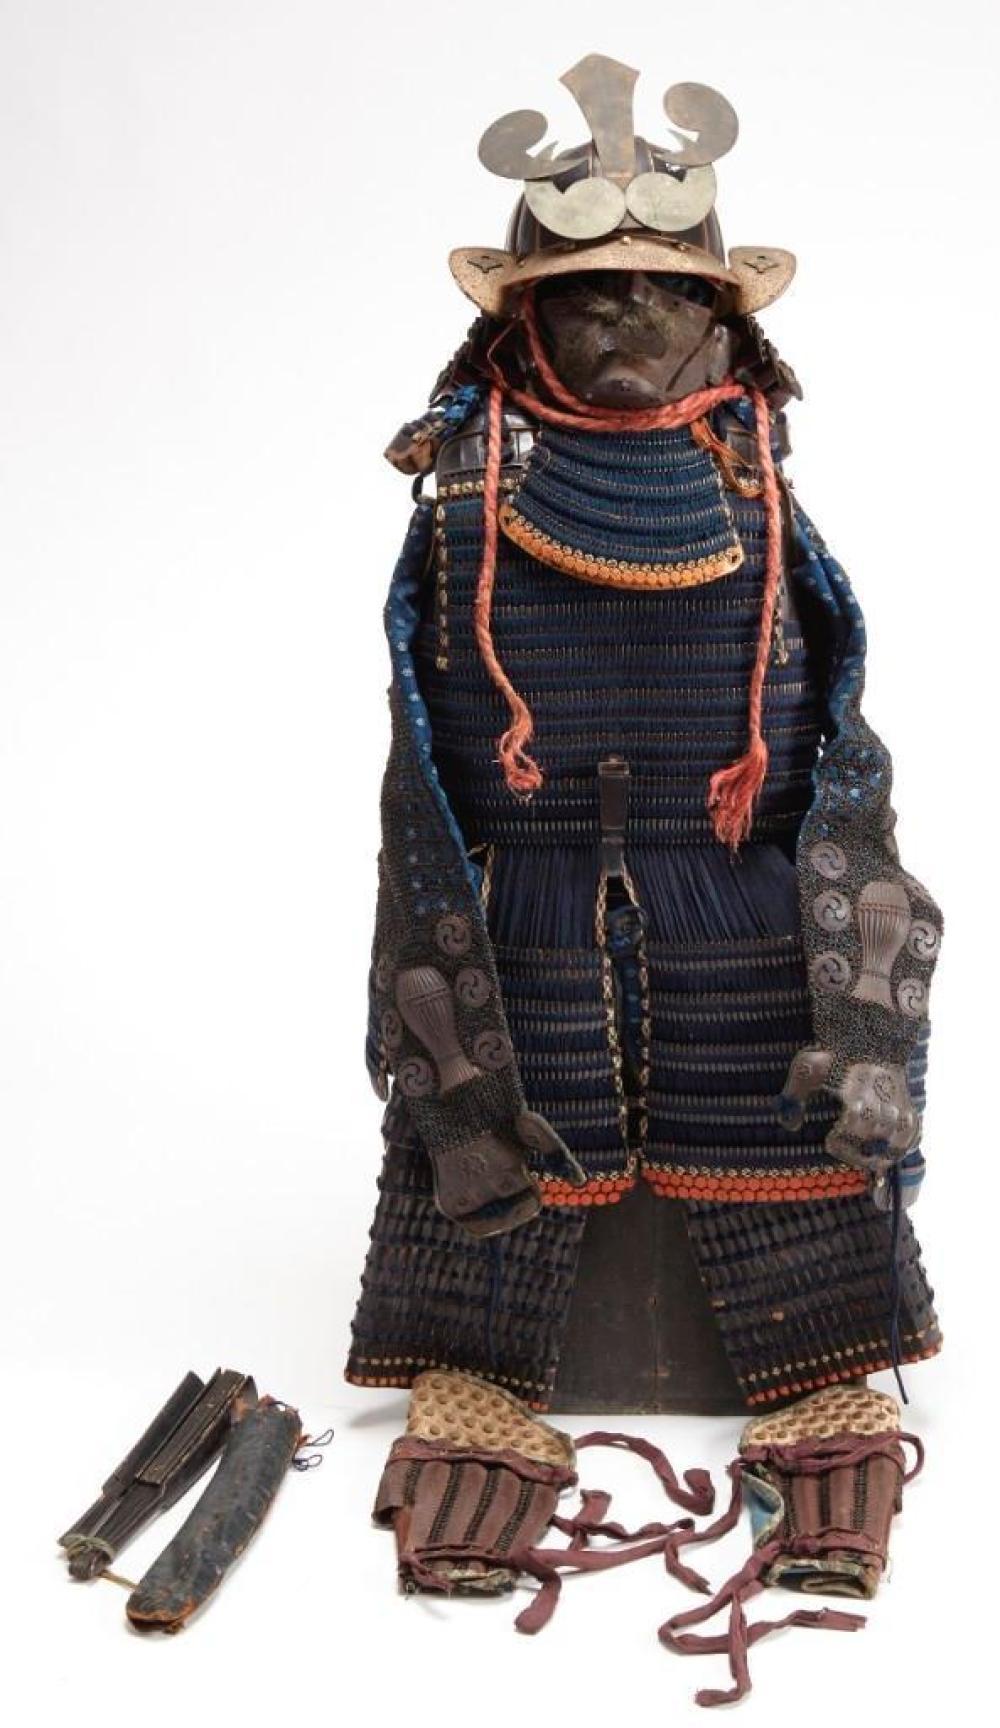 Antique Japanese Samurai Armor